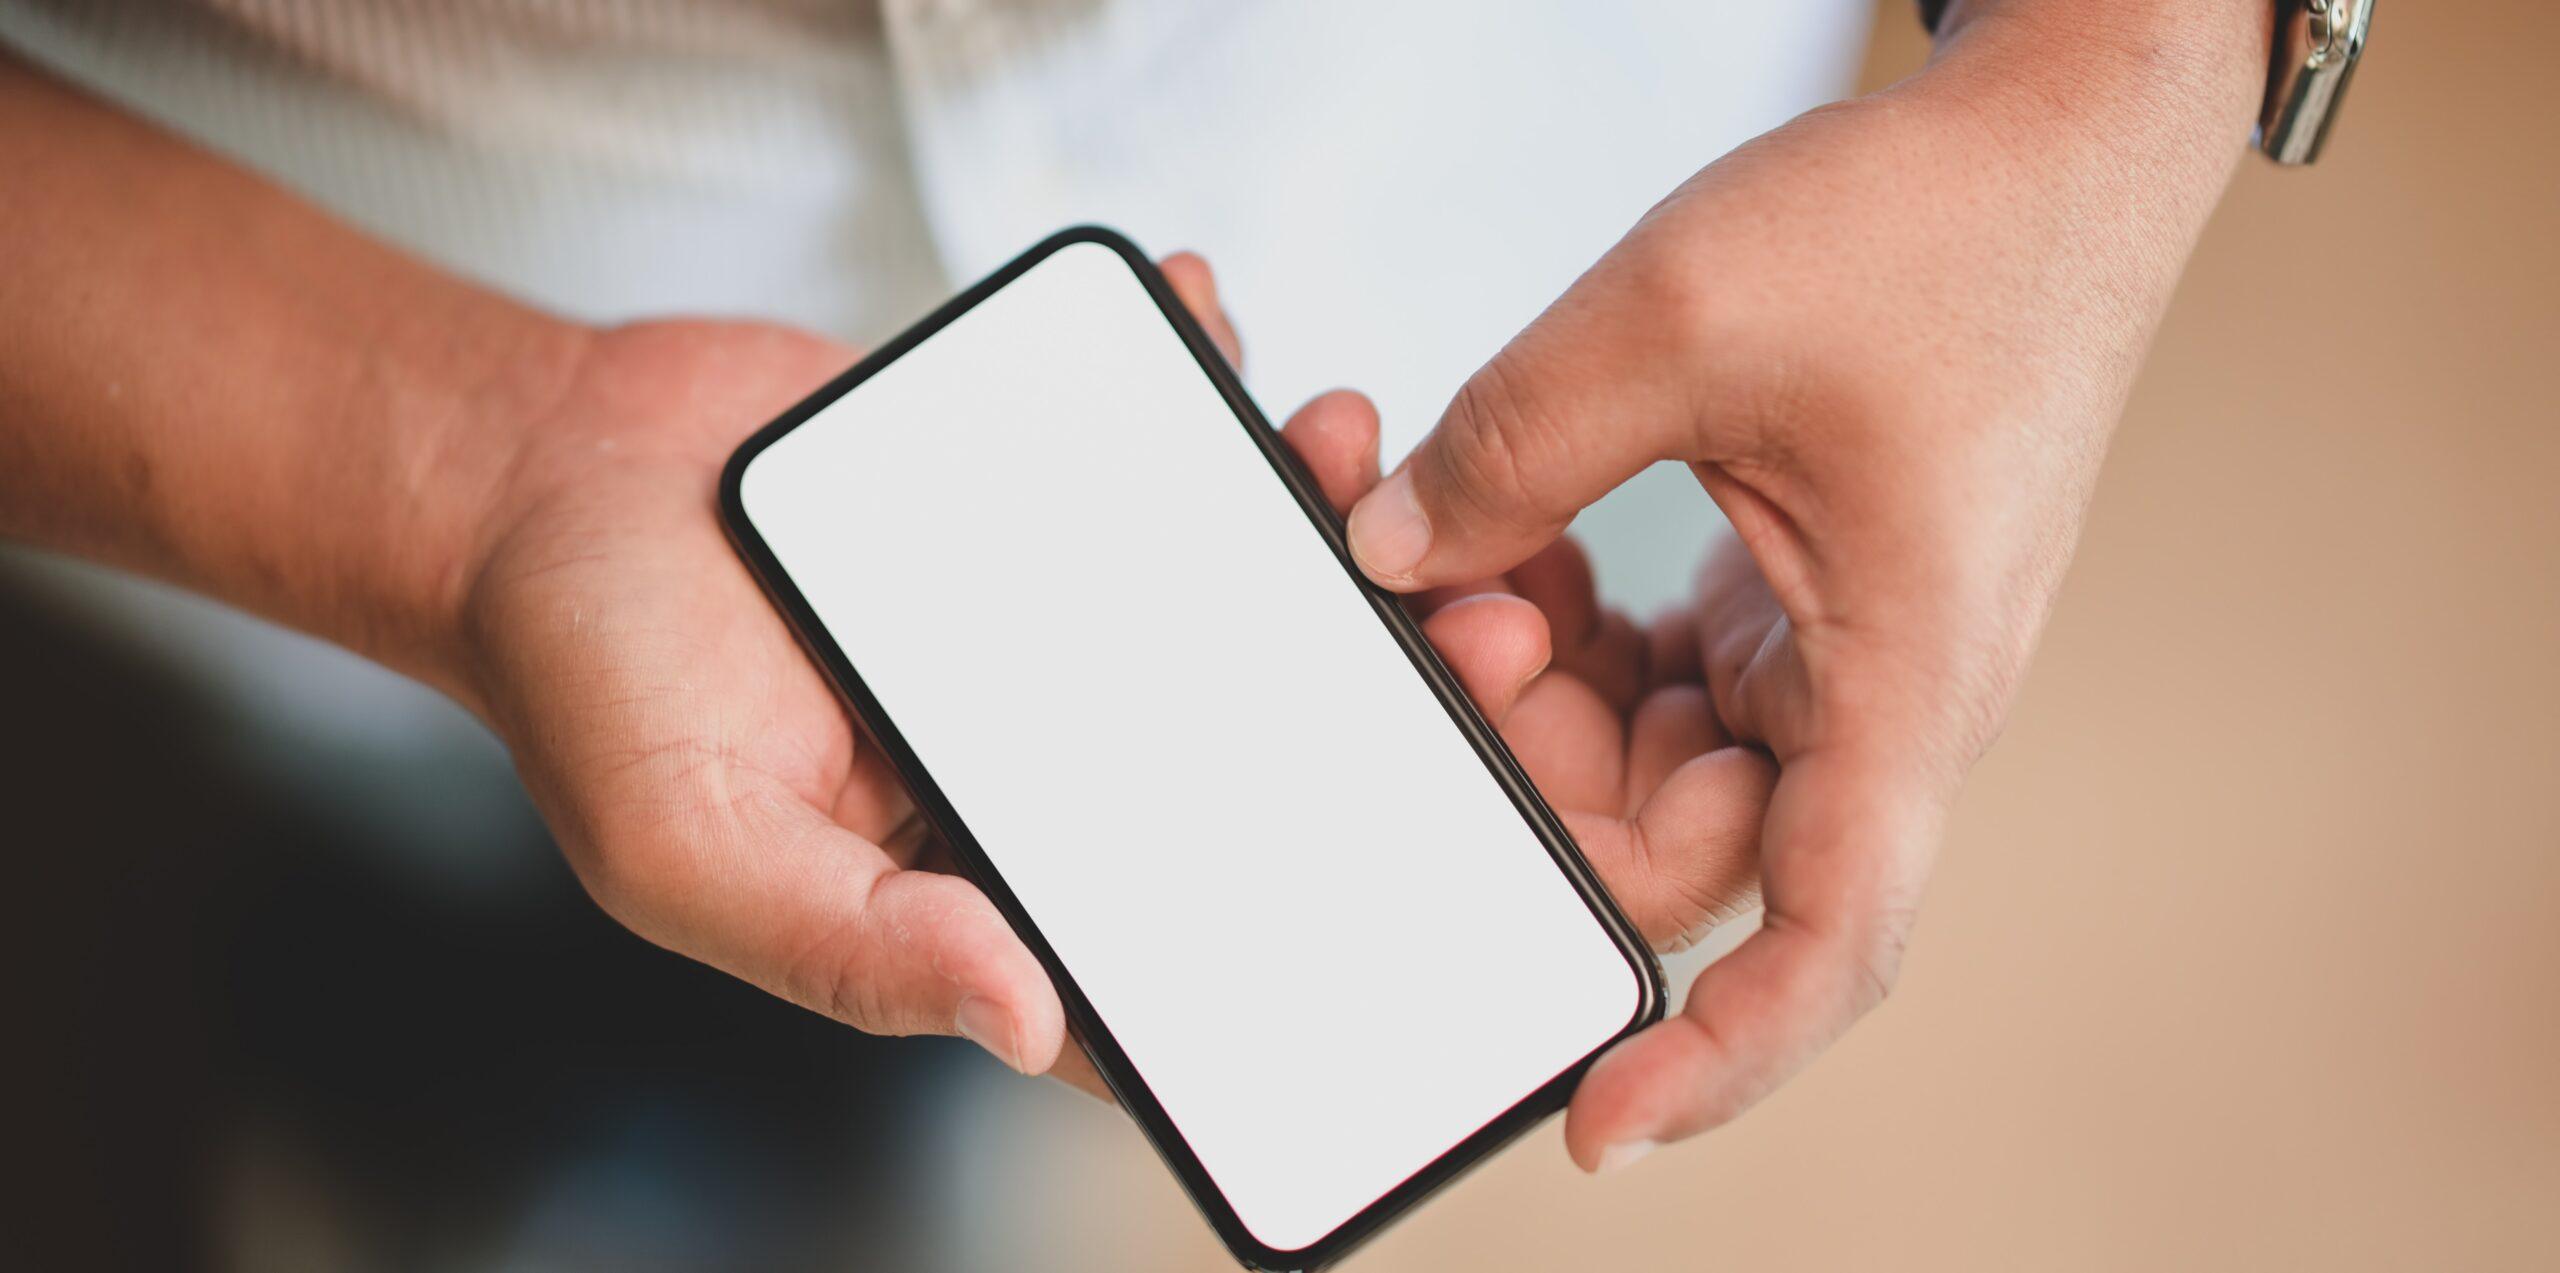 Budget smart phones